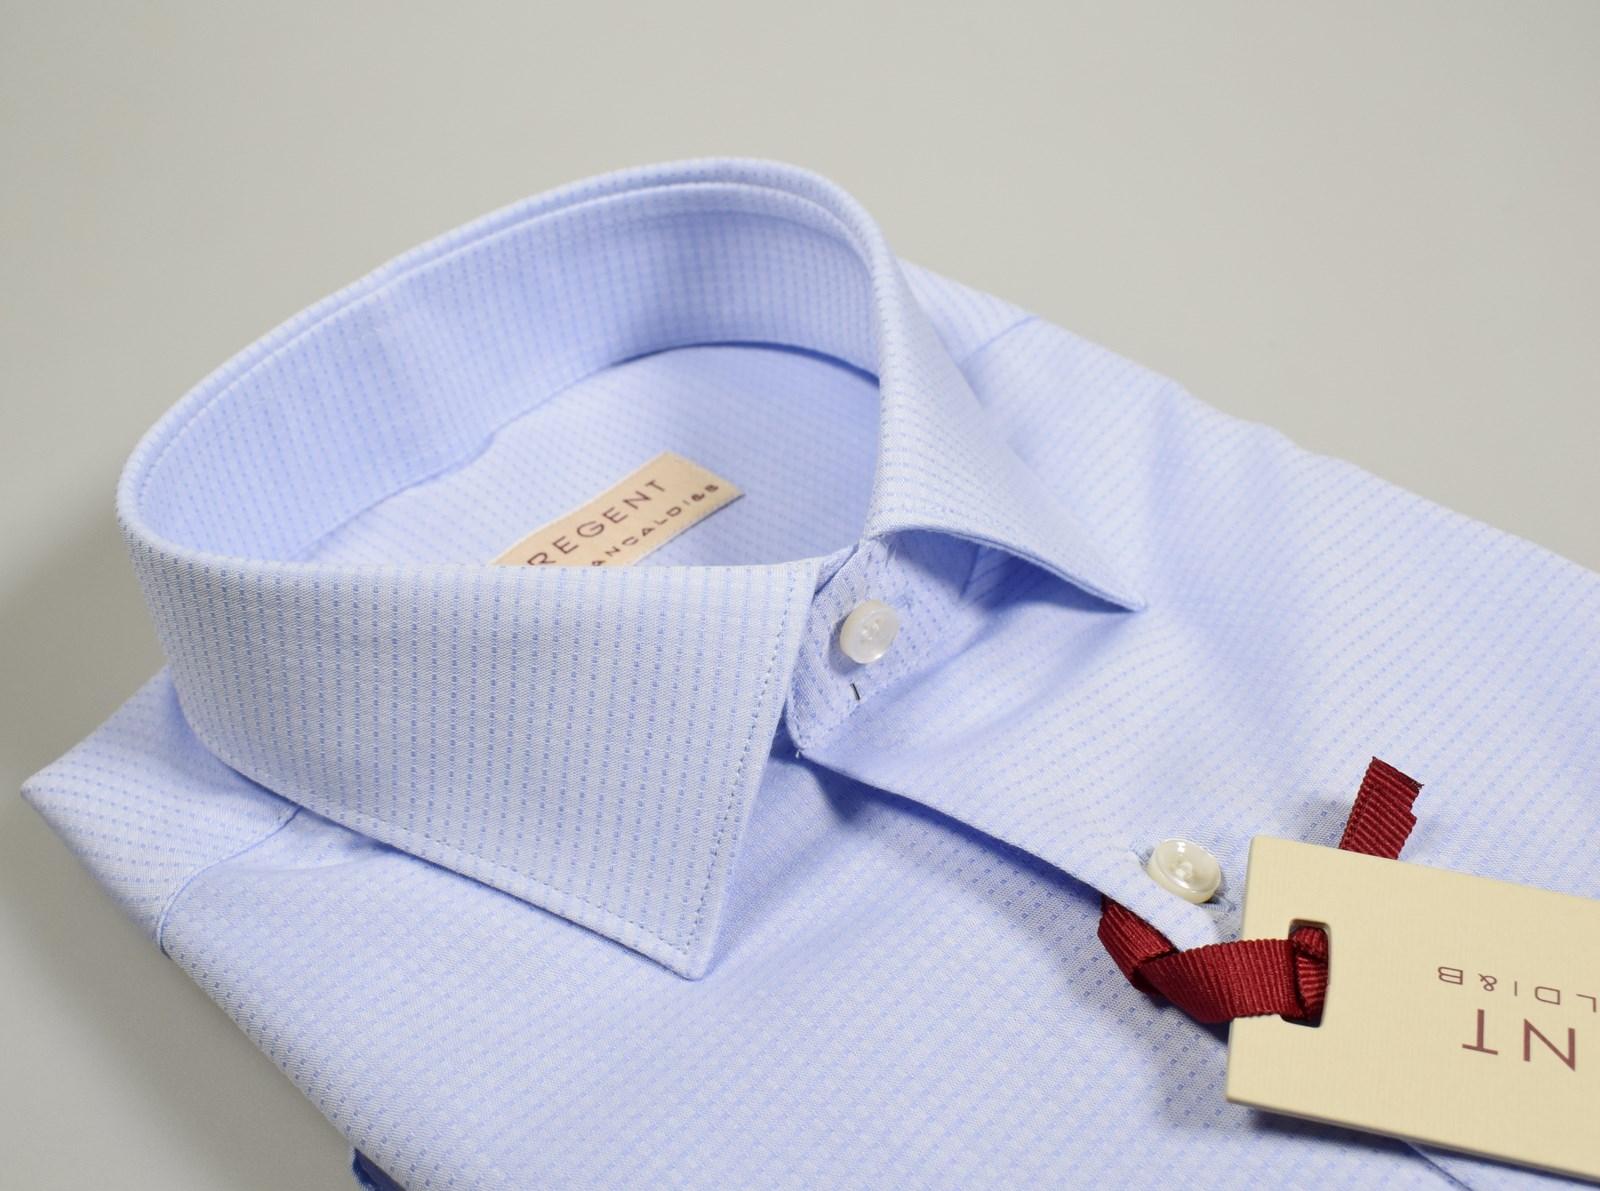 Camicia REGUL FIT collo Italiano cotone popeline classica uomo